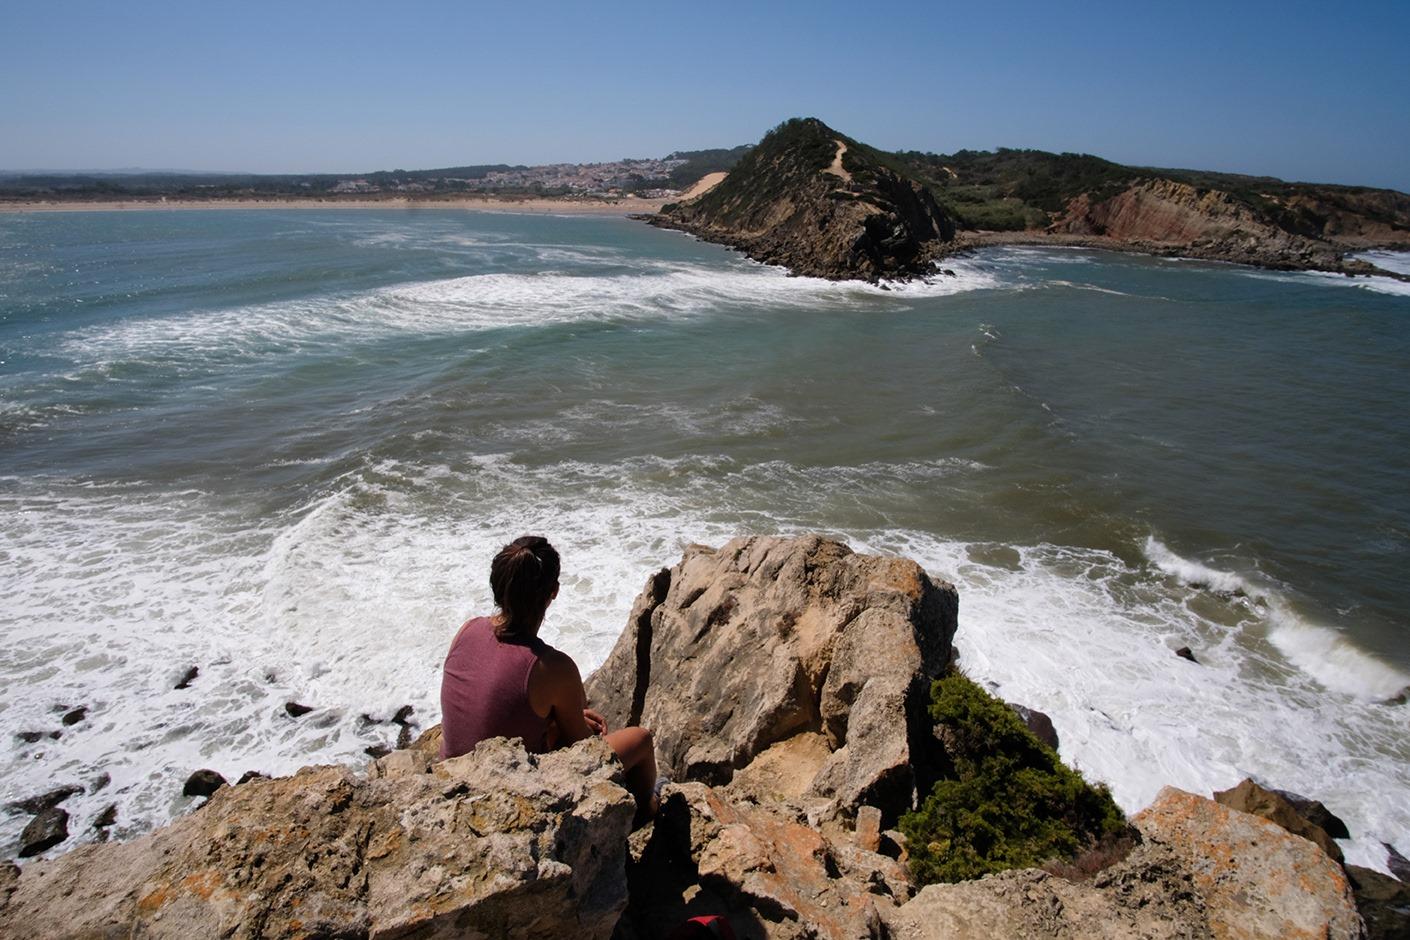 L'entrée de la baie de Sao Martinho, barrée par des déferlantes. Allez, on observe, et on y va !